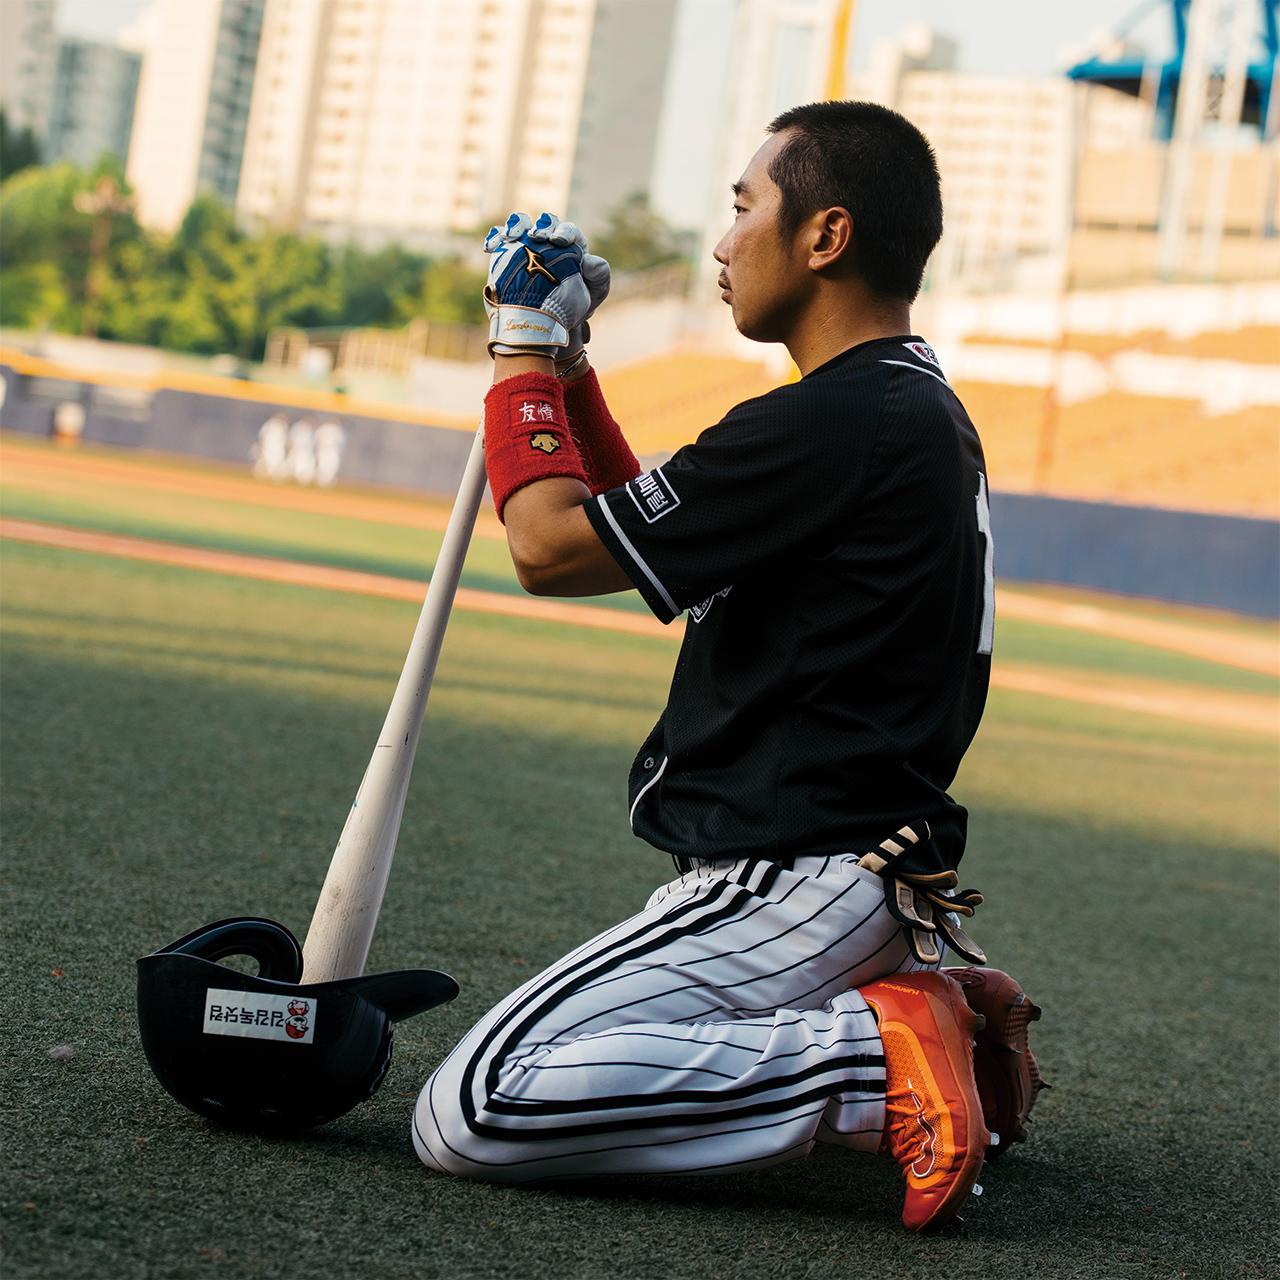 """<strong>유지창(1번, 1989년생), 내야수</strong><br/>""""자신 있어요. 어릴 때는 아직 제 야구가 없으니까 조급하기도 하고 걱정도 했어요. 지금은 들어가기만 하면 크게 걱정하지 않을 것 같아요. 제 야구가 있으니까."""""""